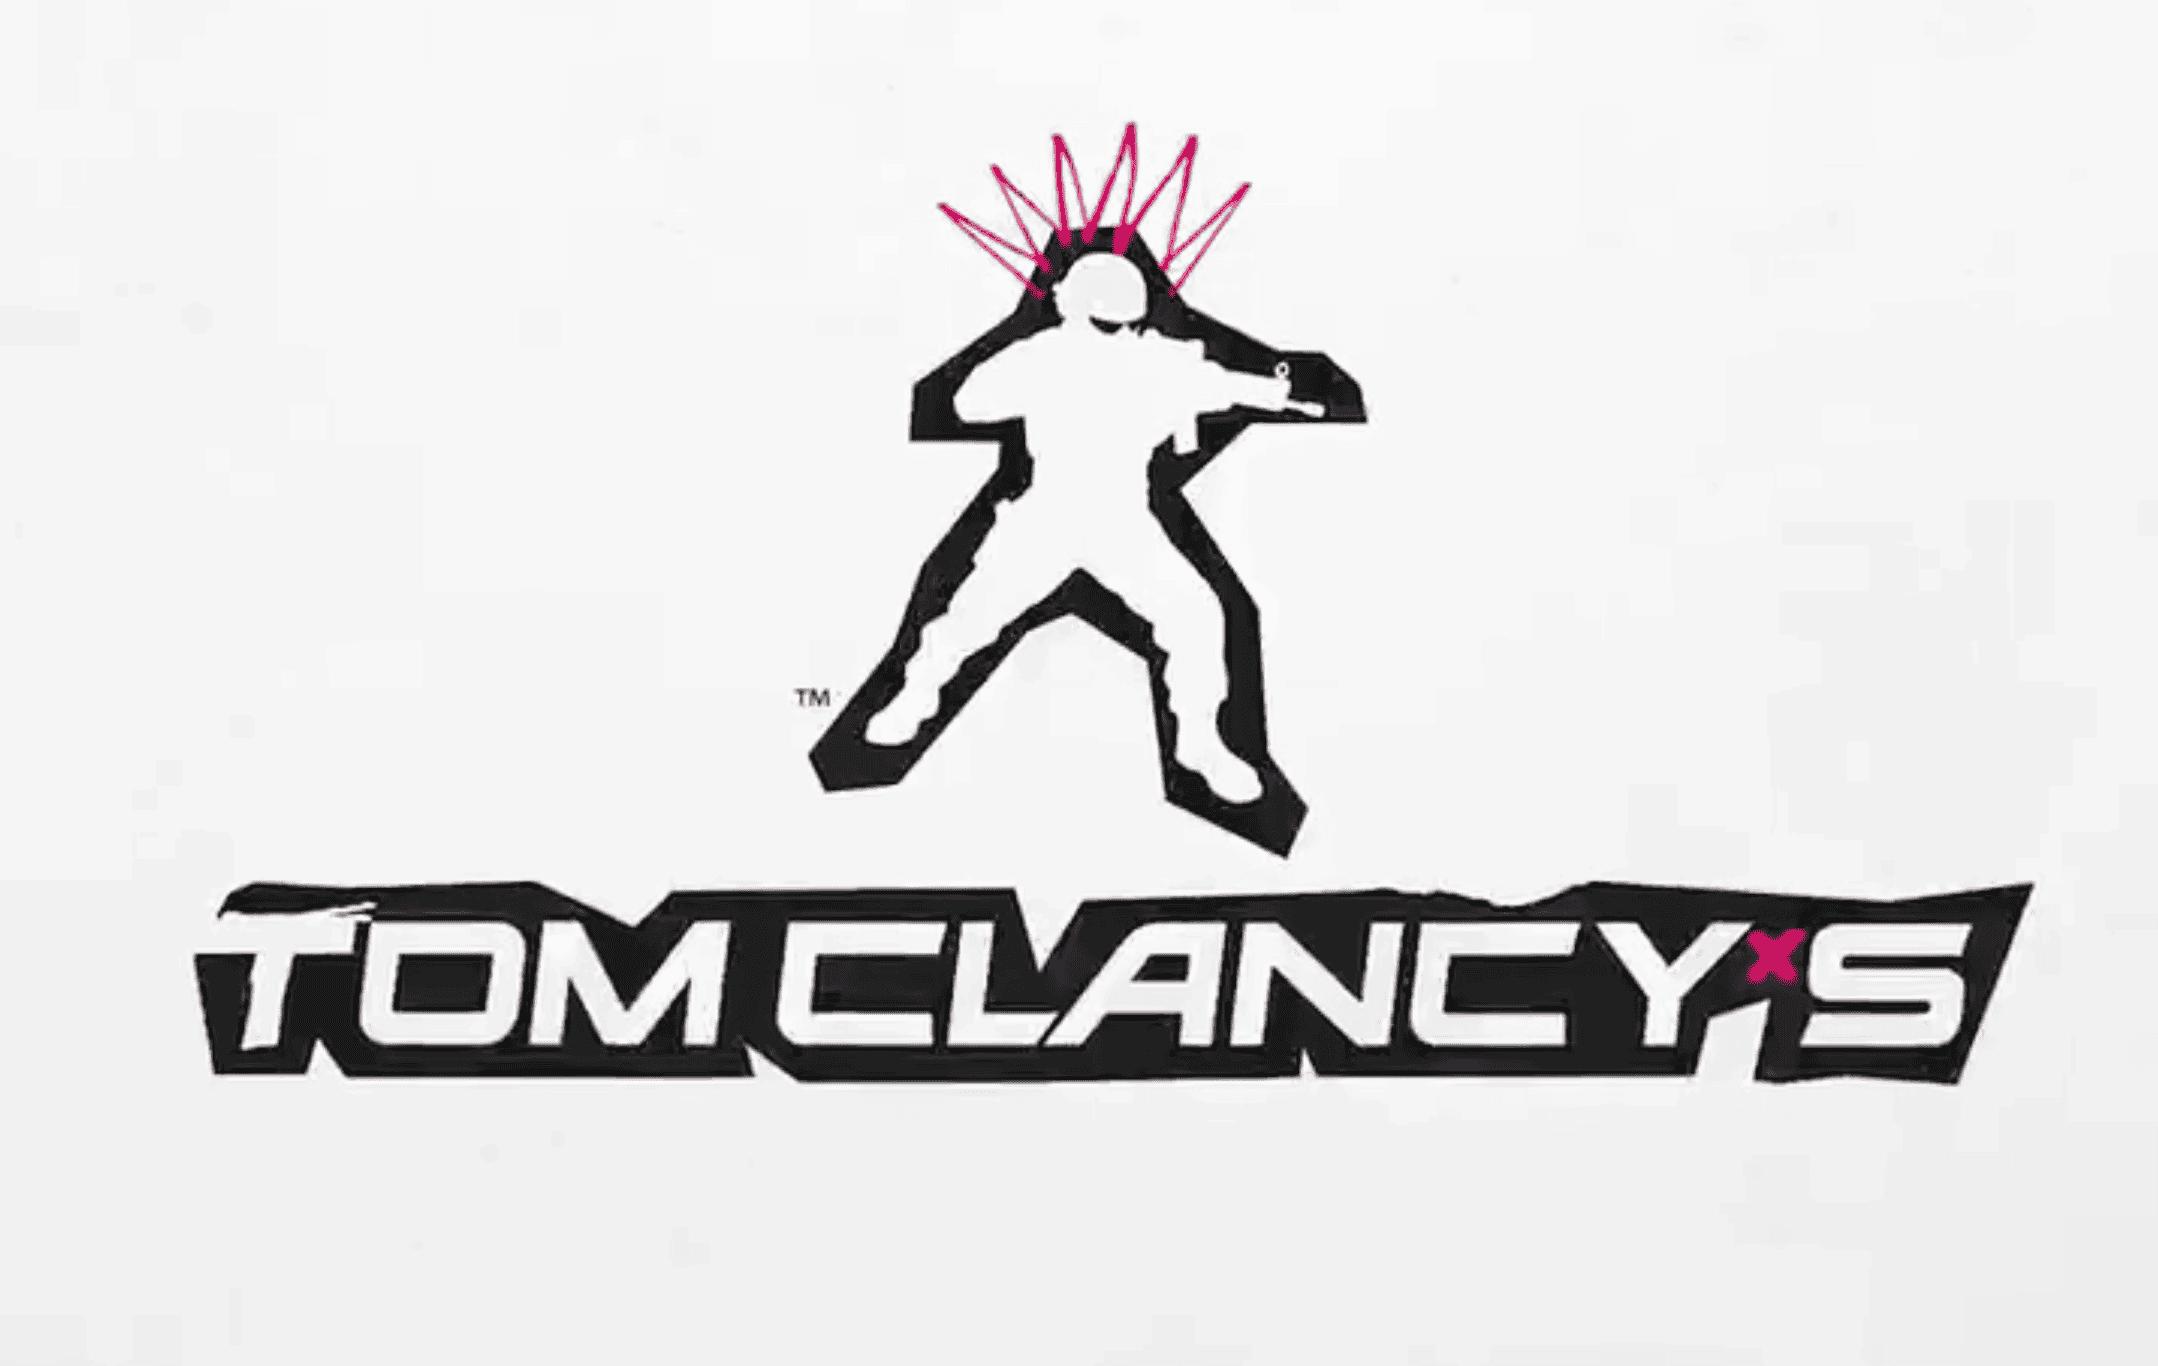 nuevo juego de Tom Clancy's que sería free to play